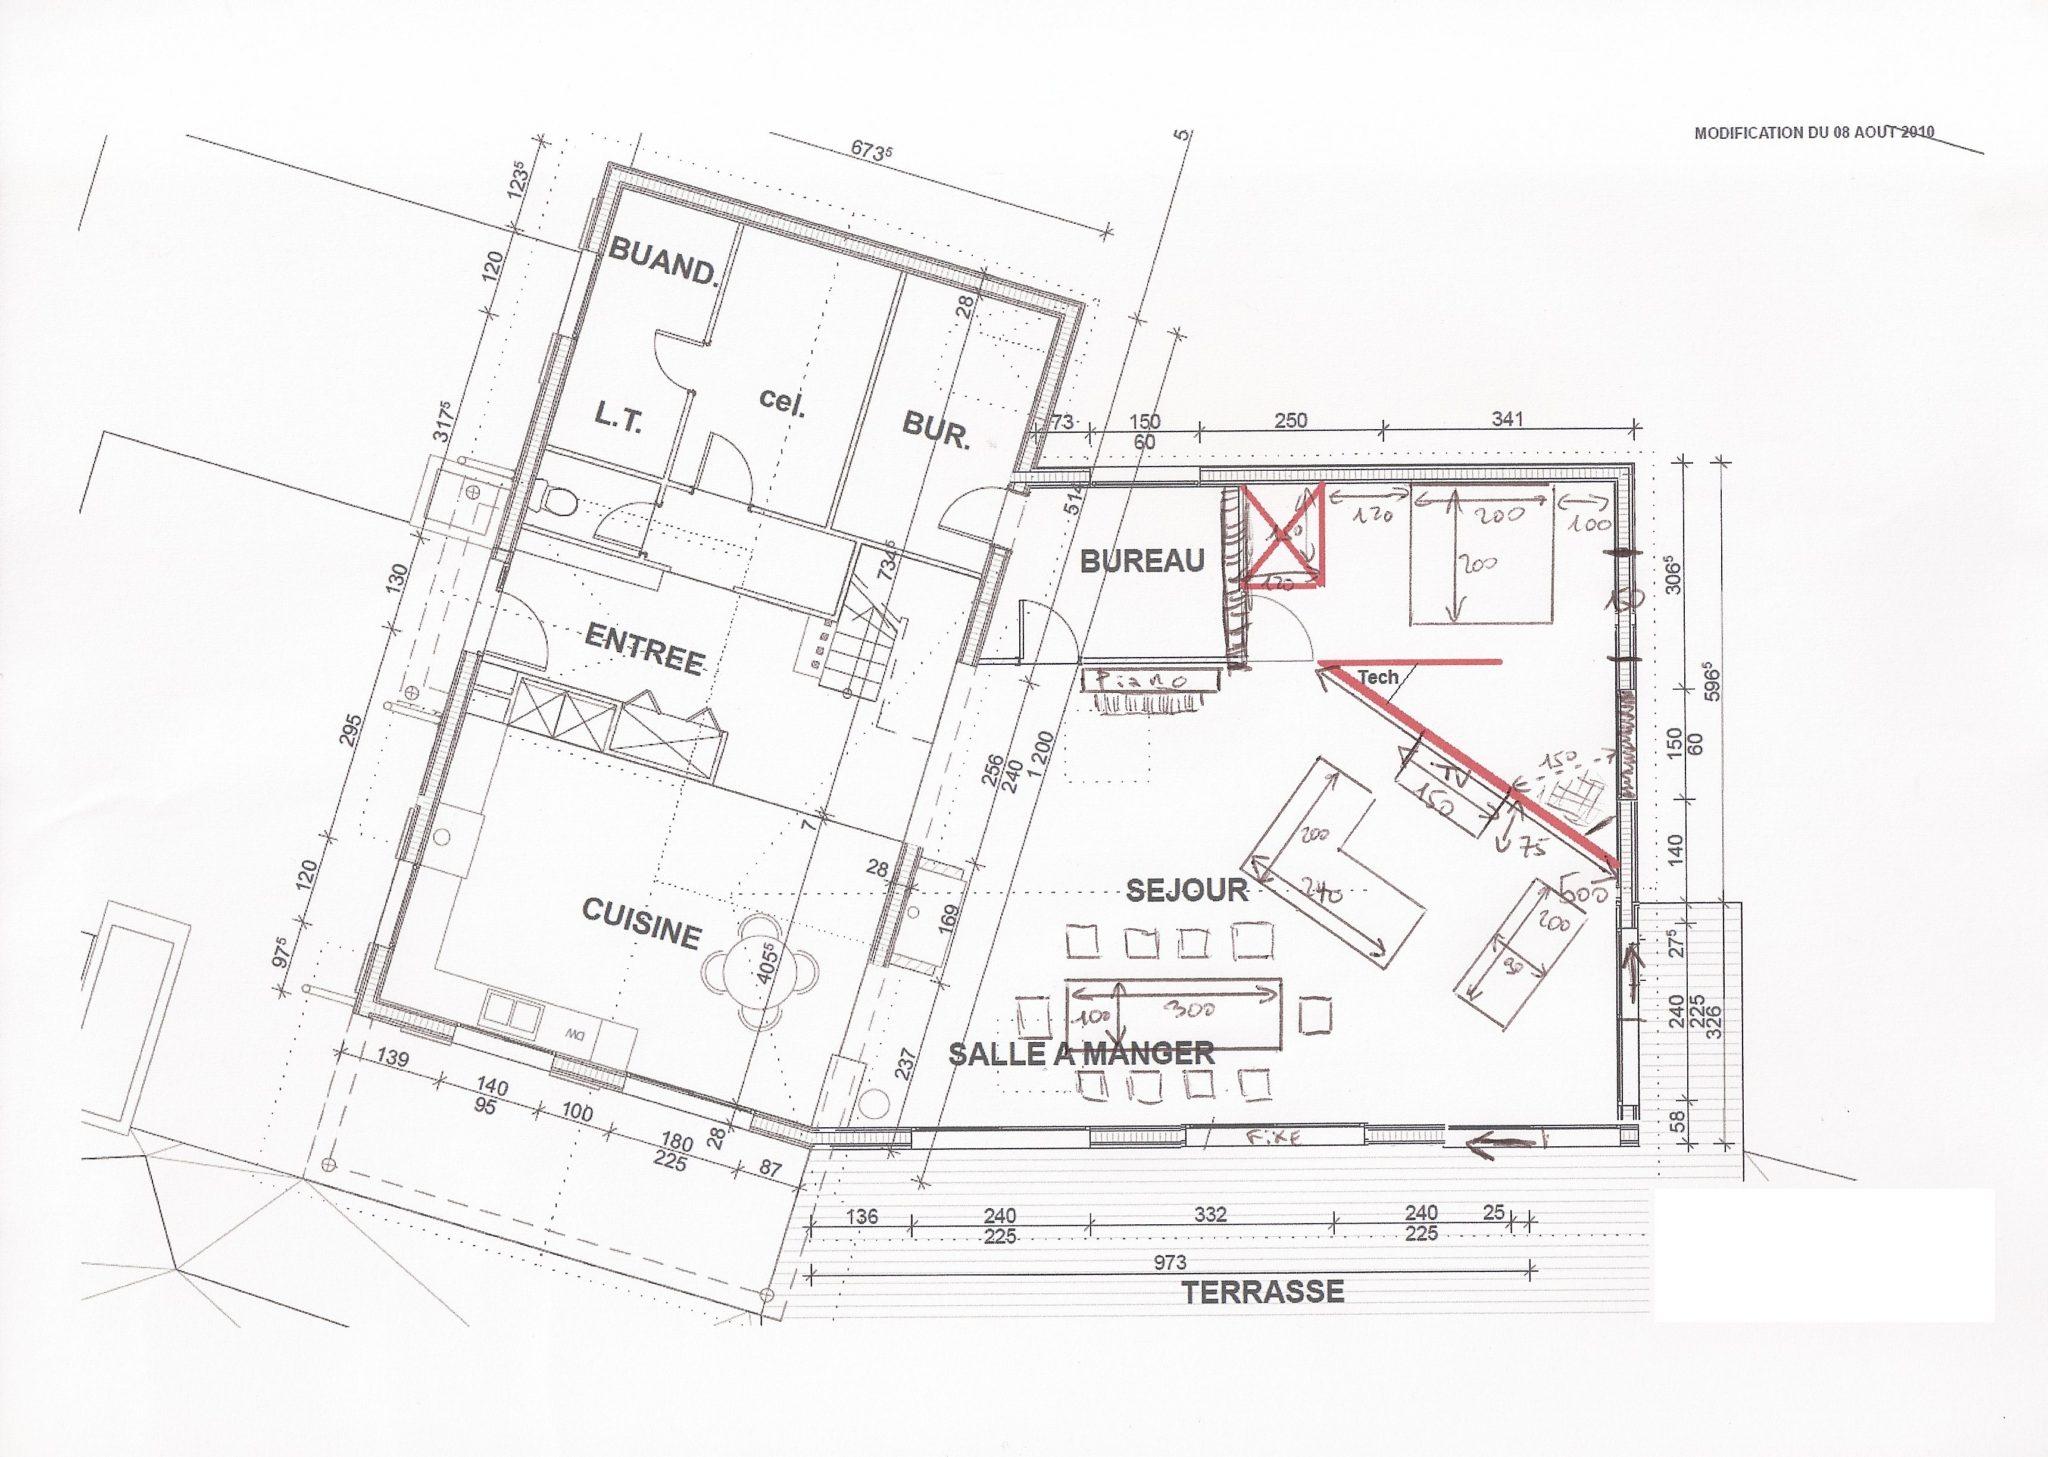 Plan maison 120m2 plain pied plan maison plain pied 100m2 for Plan de maison de 100m2 plein pied